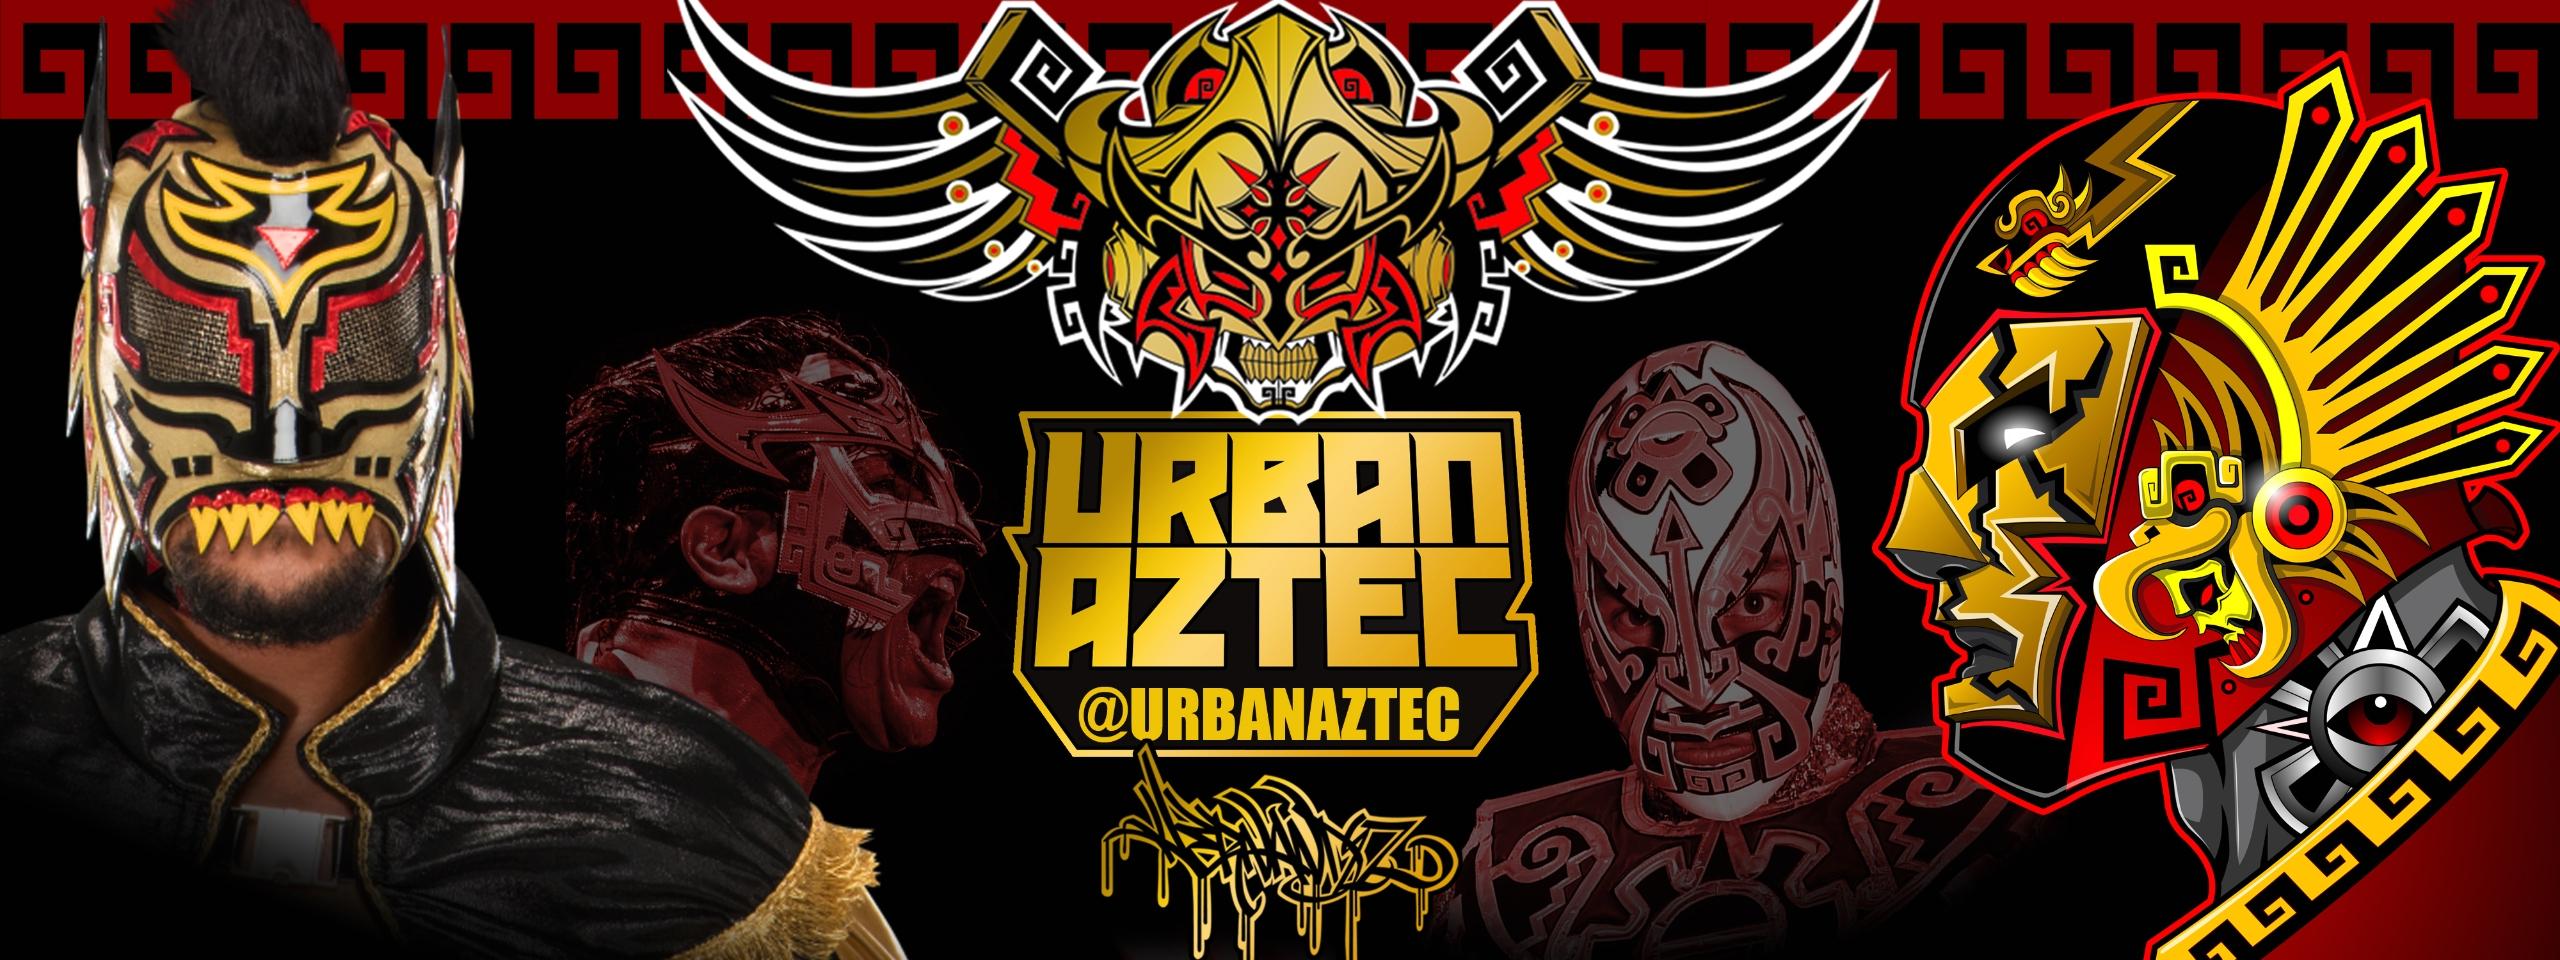 UrbanAztec (@urbanaztec) Cover Image